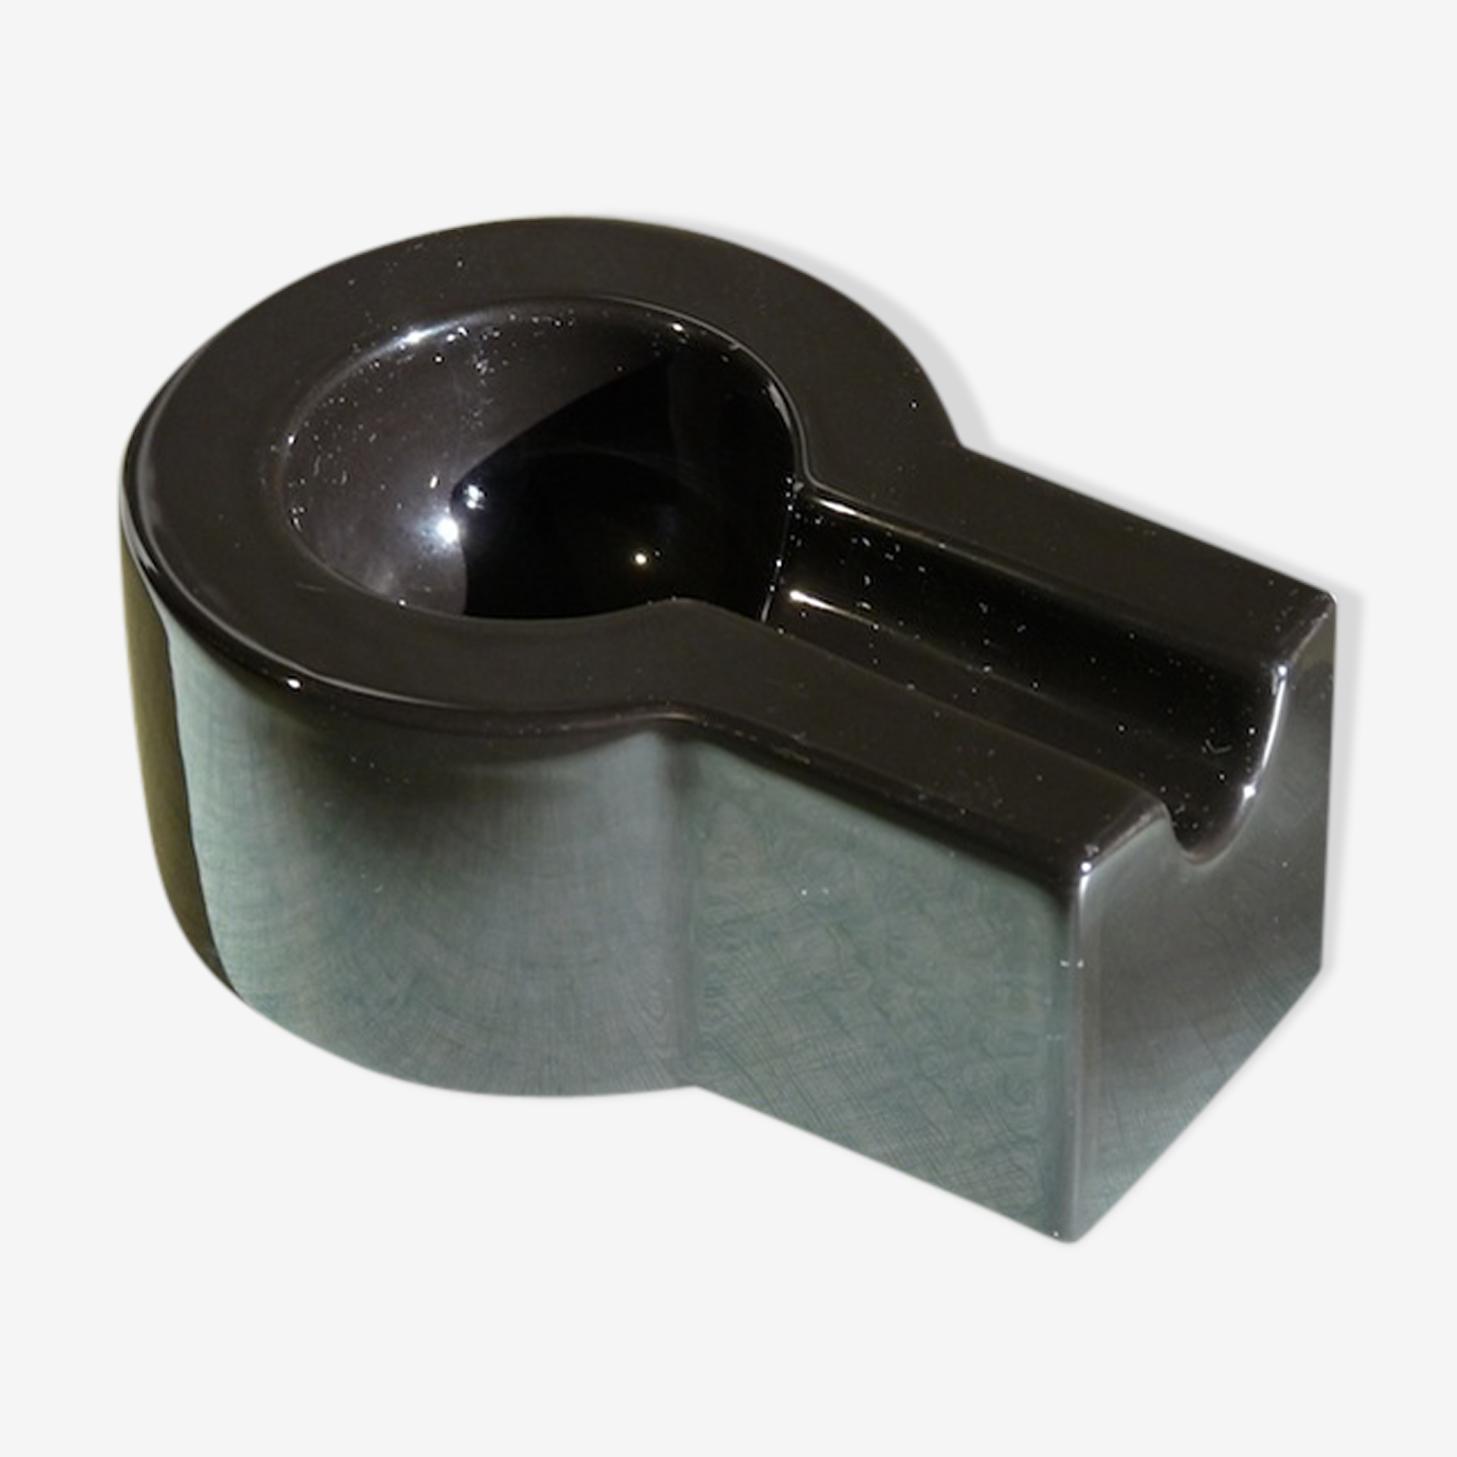 80's - design Ettore Sottsass for Habitat - ceramic ashtray